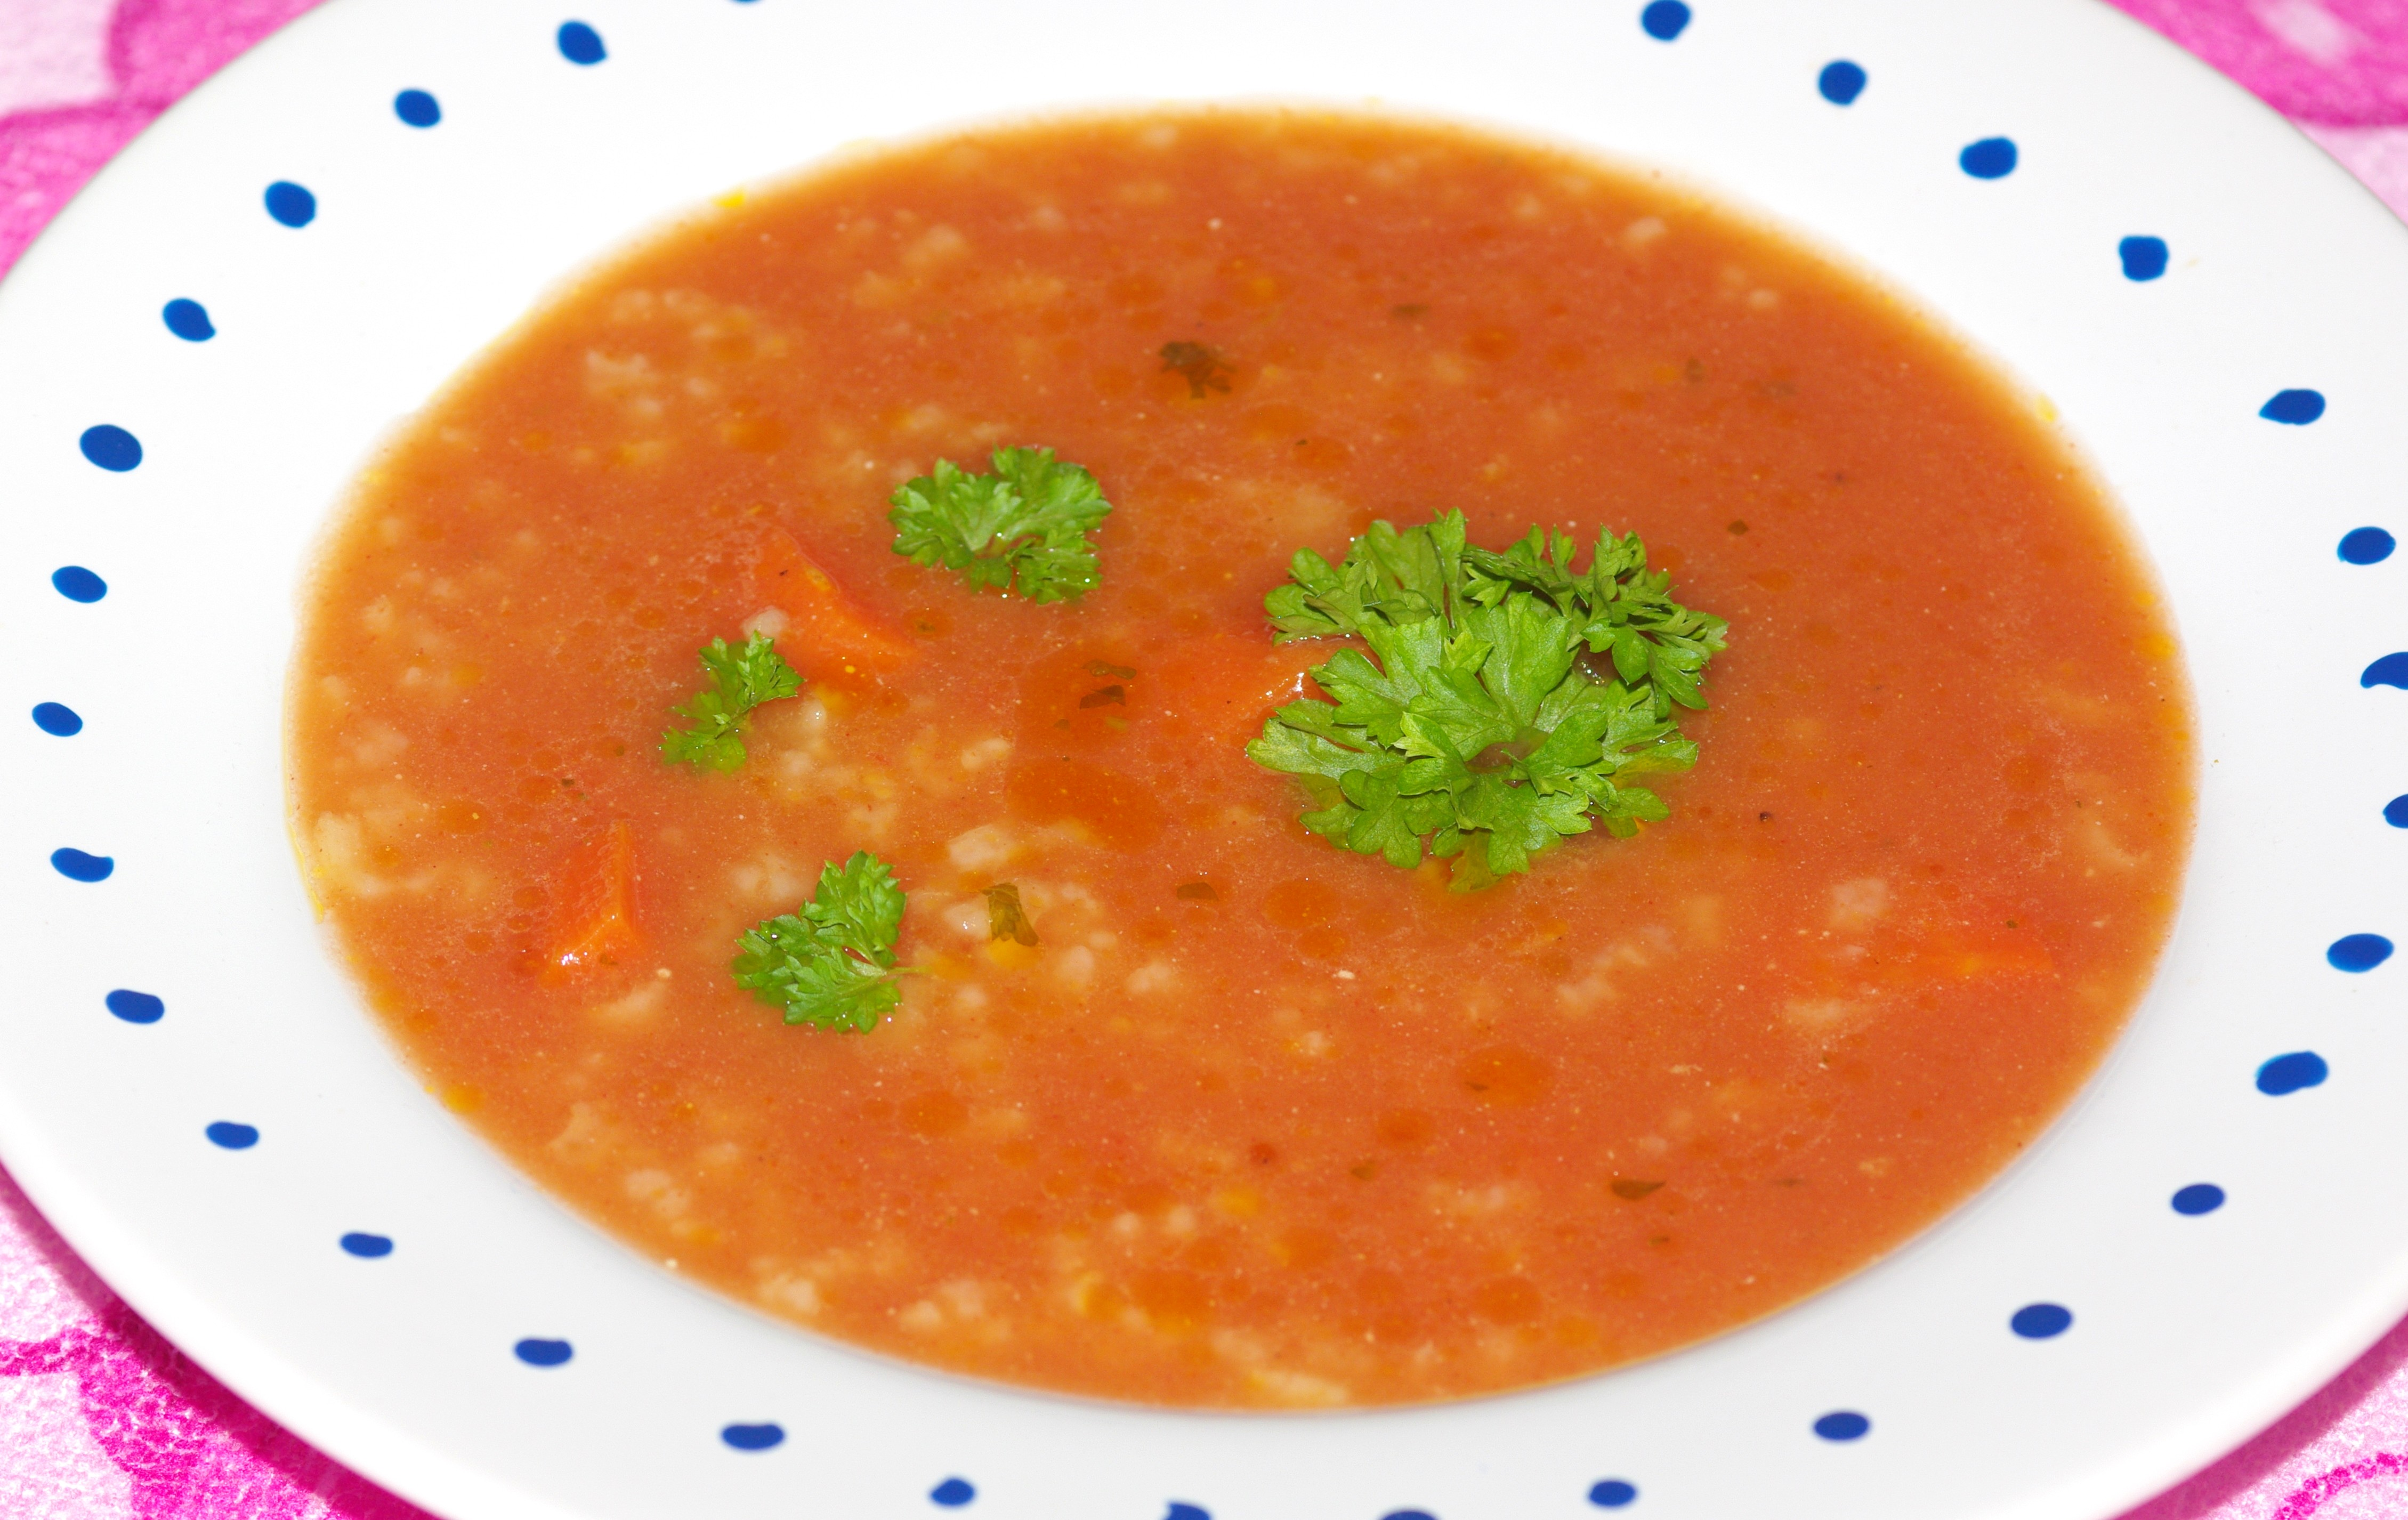 Prosta Zupa Pomidorowa Z Ryżem Przyslijprzepispl